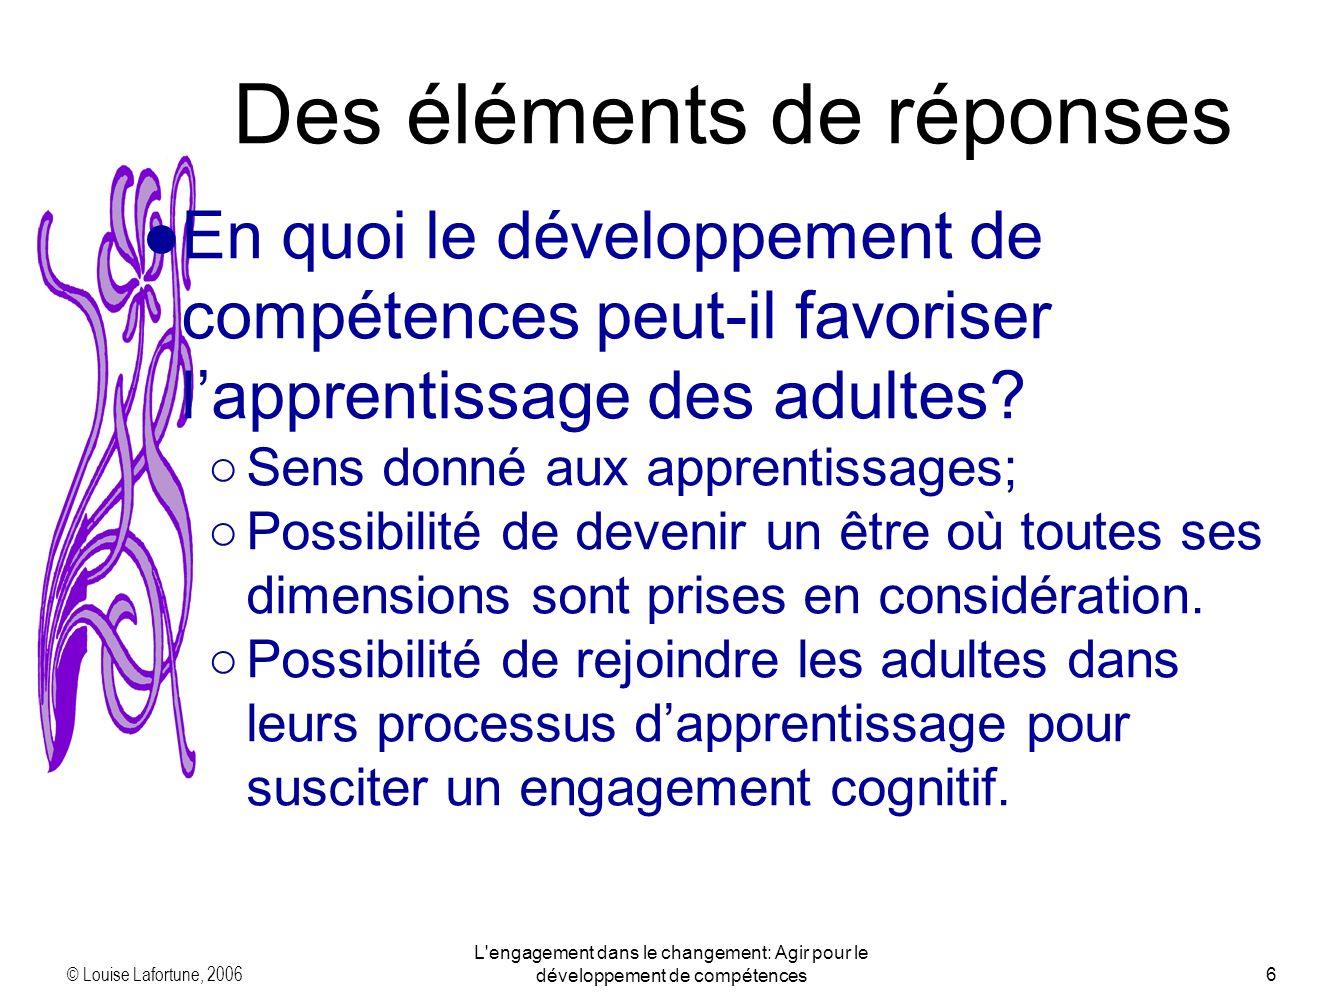 © Louise Lafortune, 2006 L engagement dans le changement: Agir pour le développement de compétences7 Des éléments de réponses Comment favorise-t-on le développement de compétences.